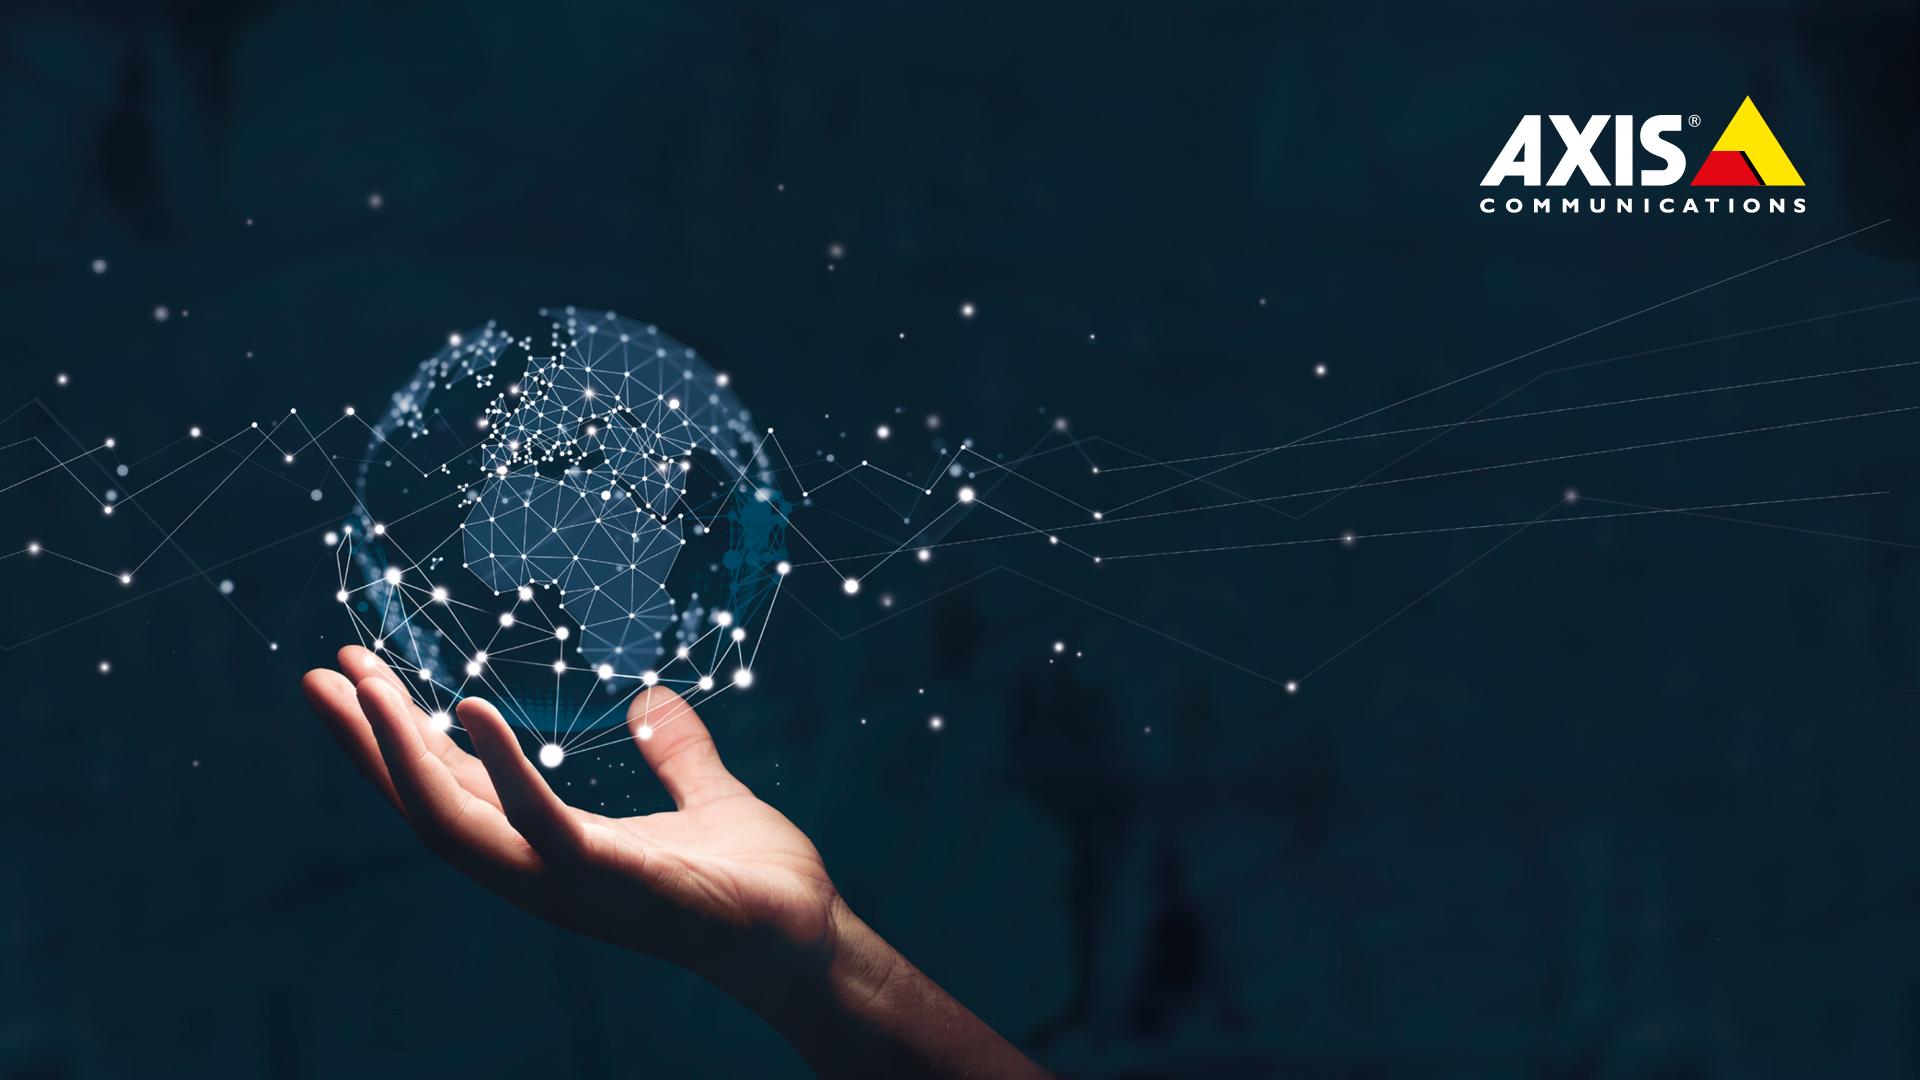 Axis Communications провела вторую онлайн-конференцию Axis Talk 2021 для специалистов индустрии безопасности